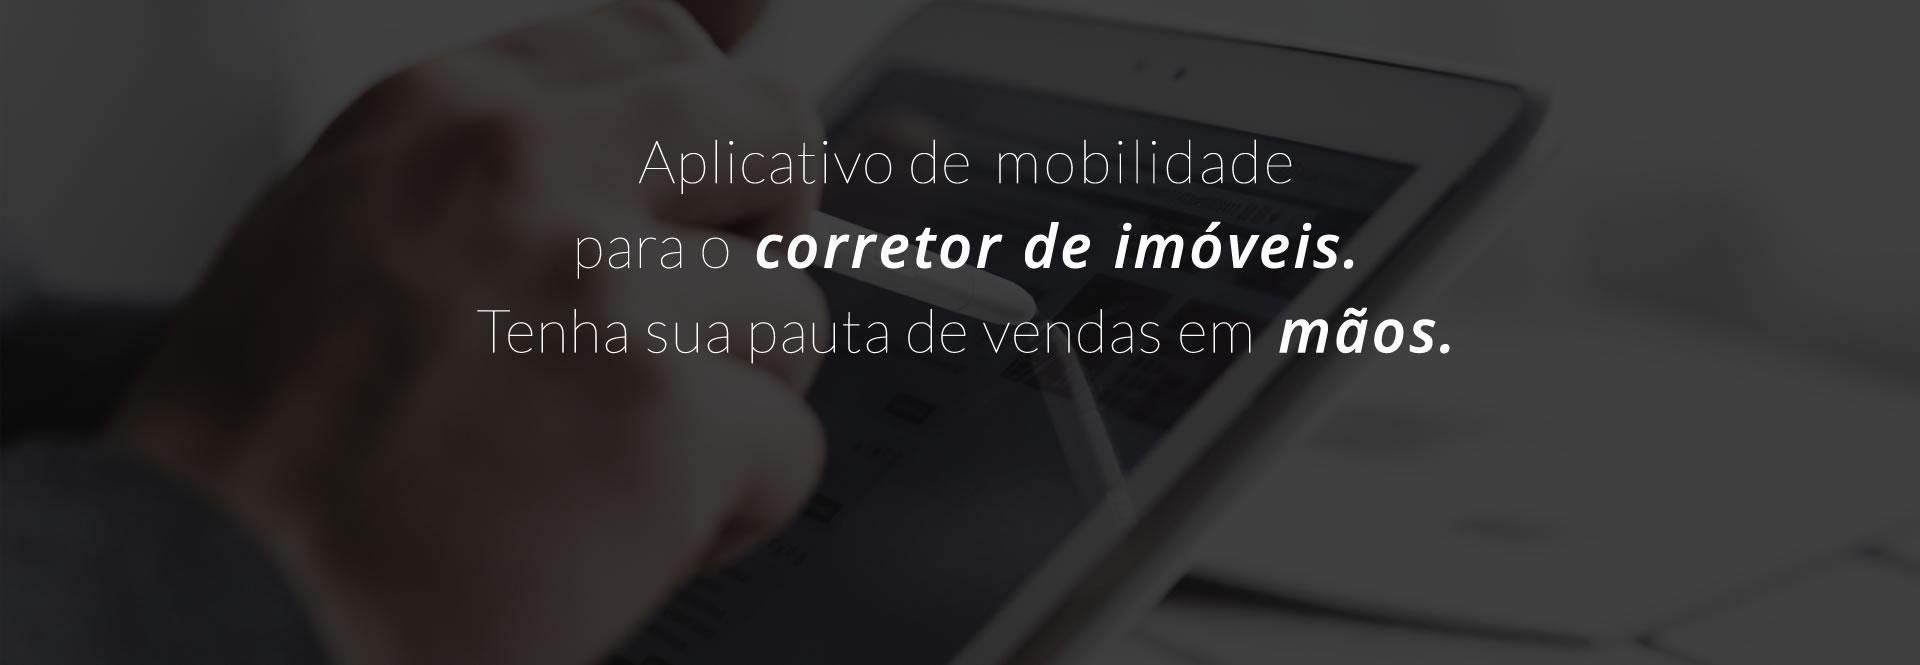 Aplicativo de mobilidade para o corretor de imóveis. Tenha sua pauta de vendas em mãos.